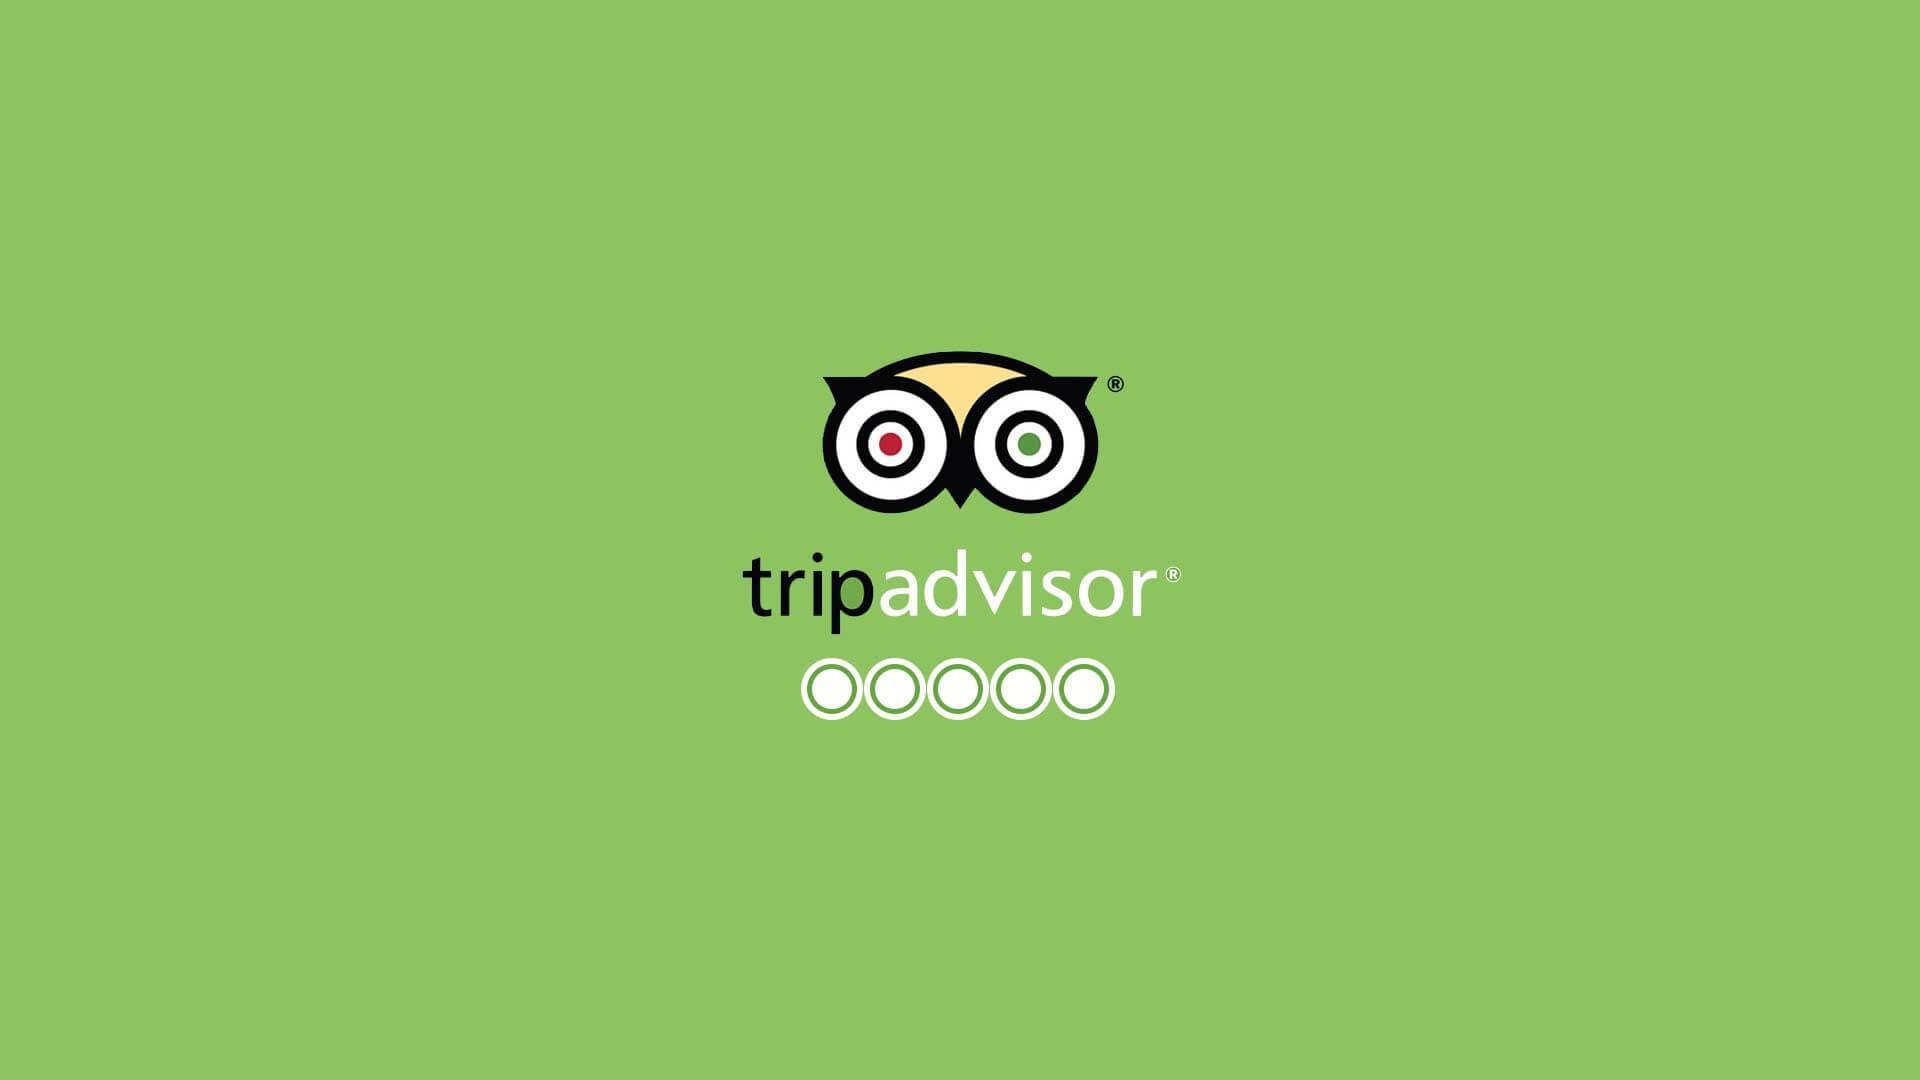 Gestão de reputação TripAdvisor: as avaliações de hóspedes de hotéis e de críticas em restaurantes pelo TripAdvisor está revolucionando como empresas se relacionam com seus clientes finais. Melhore a reputação online de sua empresa.